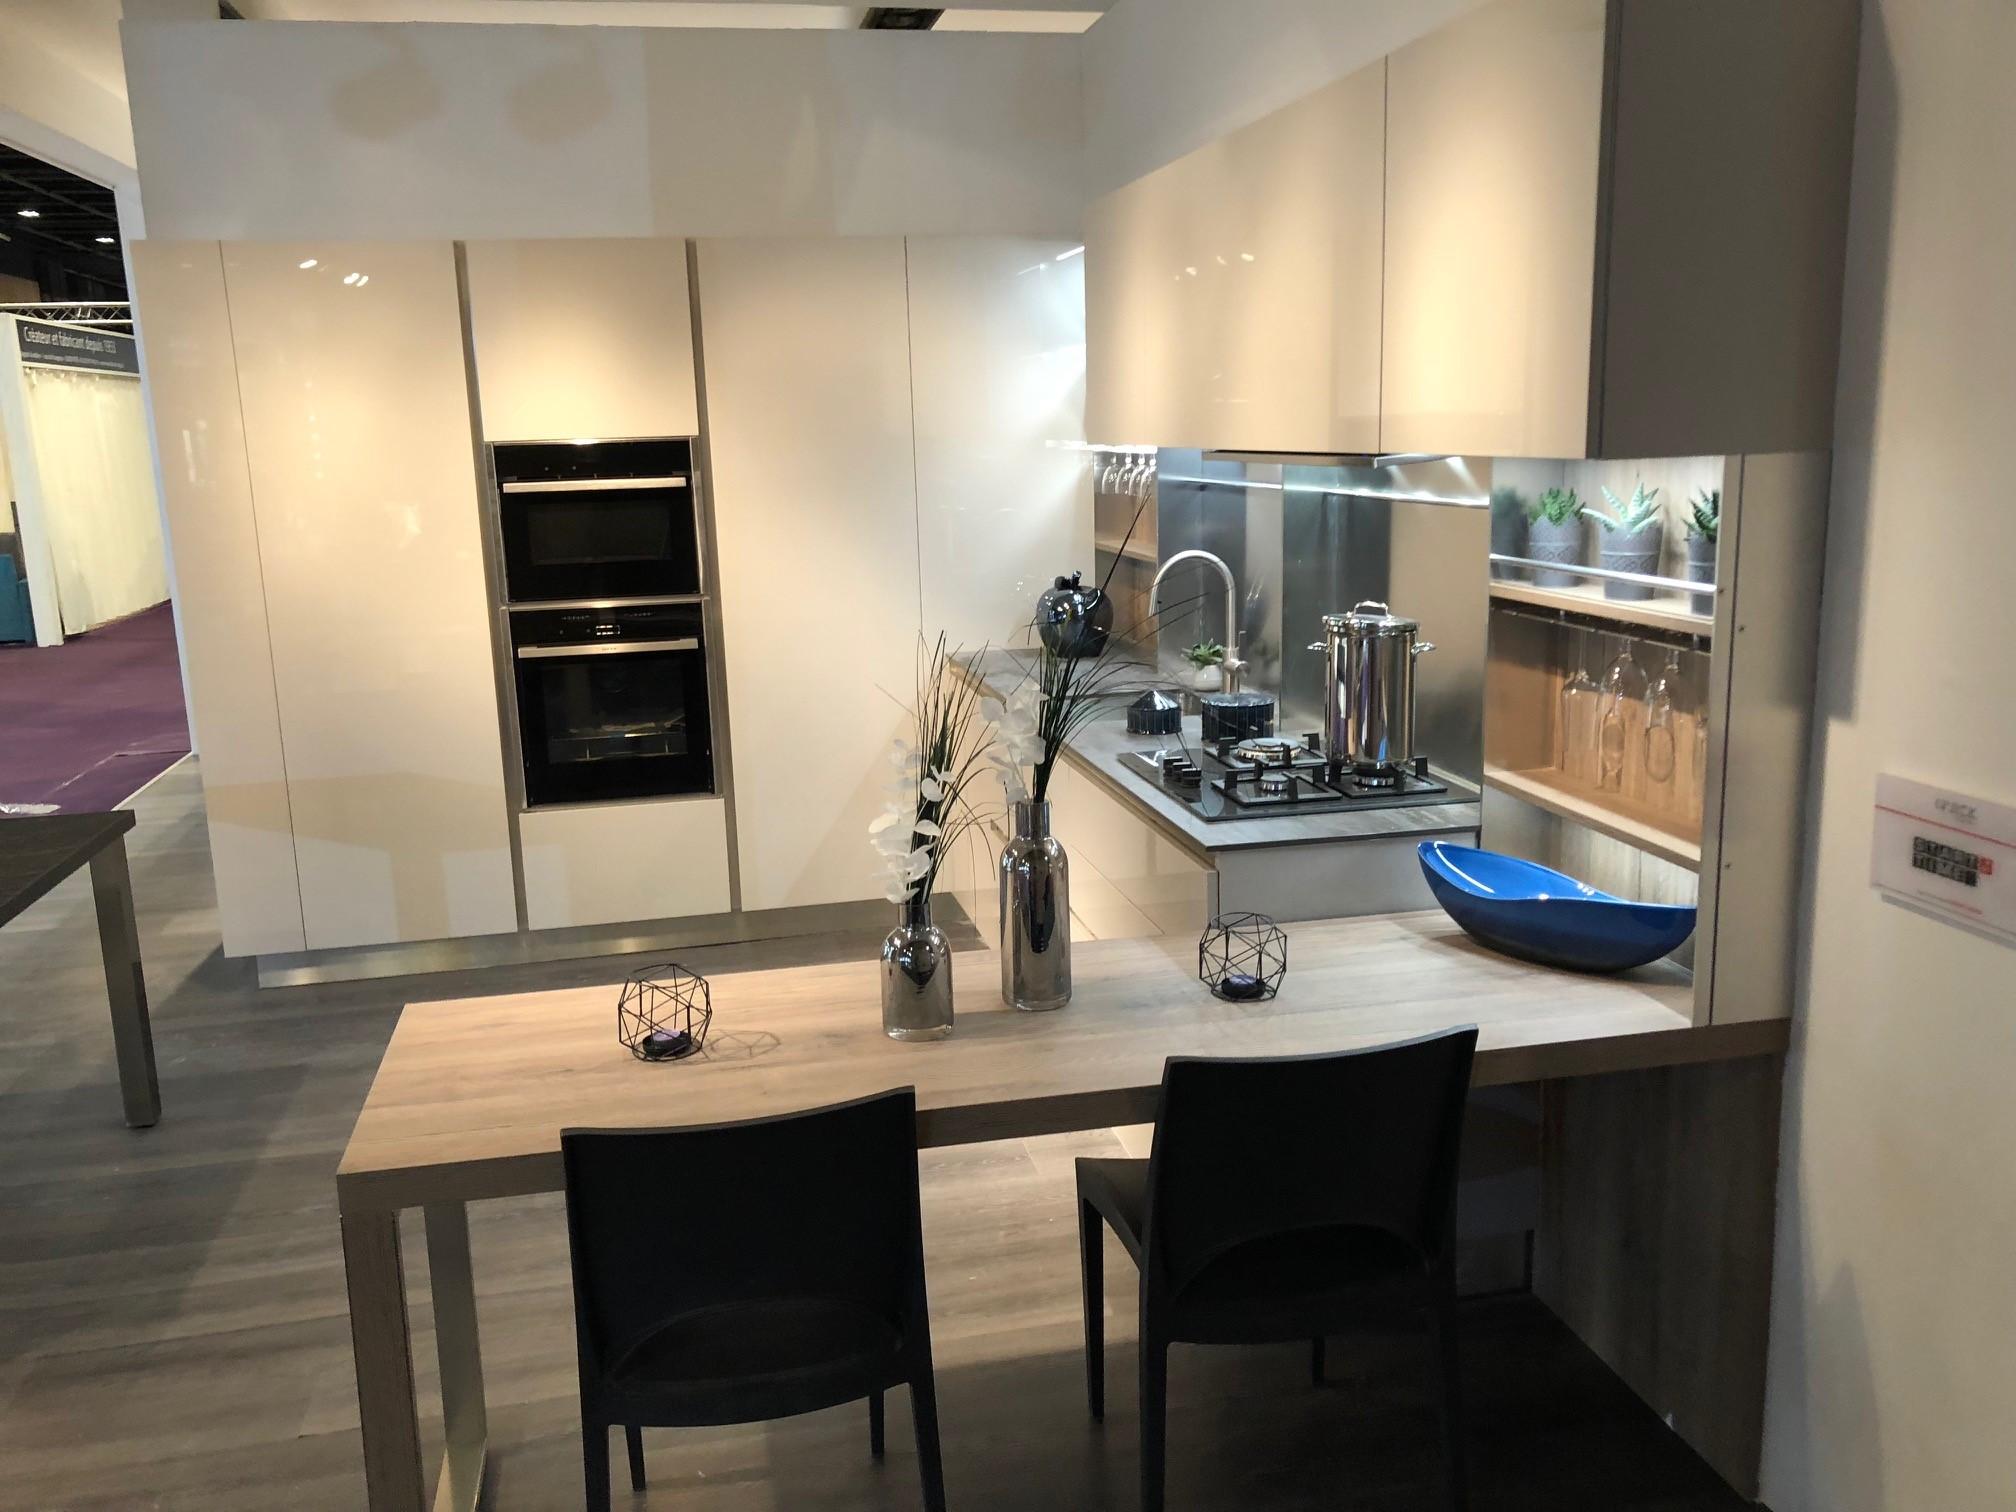 foire de paris hors s rie maison 2018 veneta cucine paris 12 me arrondissement. Black Bedroom Furniture Sets. Home Design Ideas